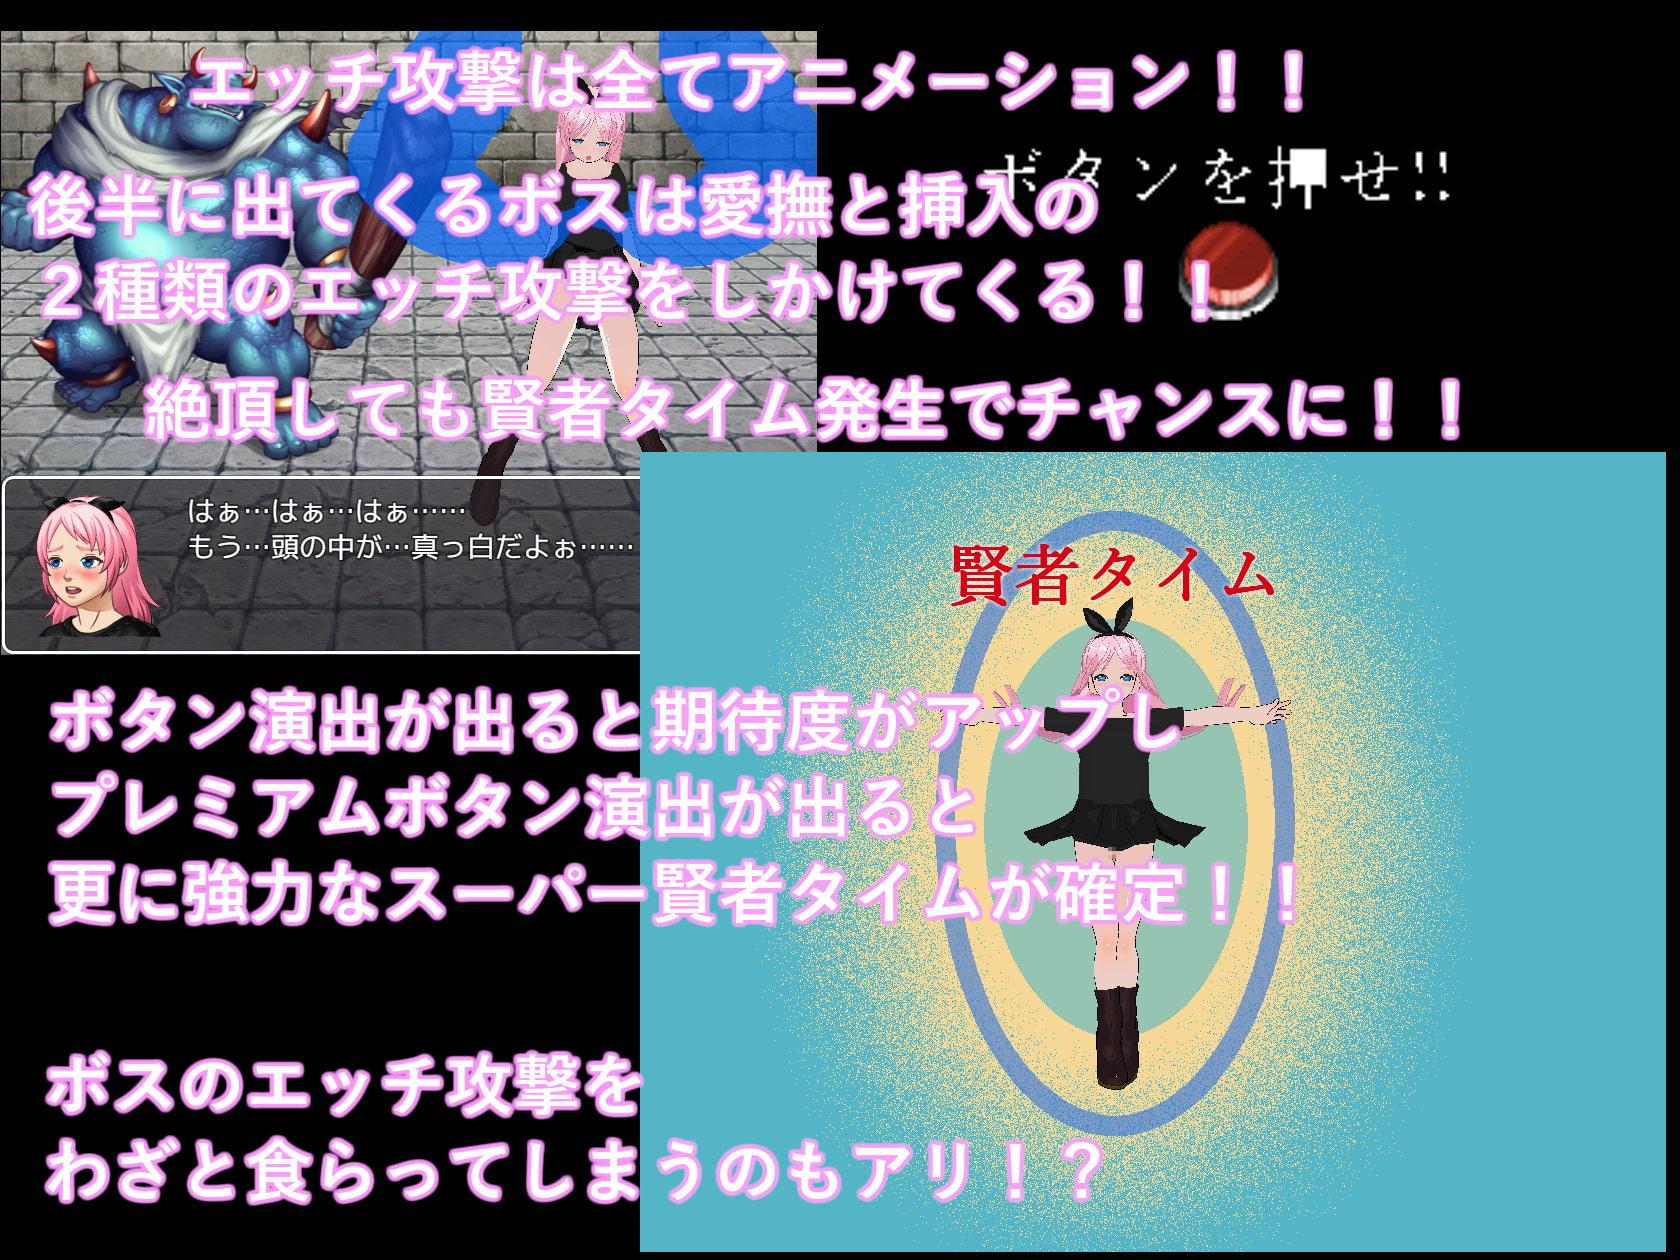 夢子のバーチャルオンラインゲーム~抵抗できない私のリアル~